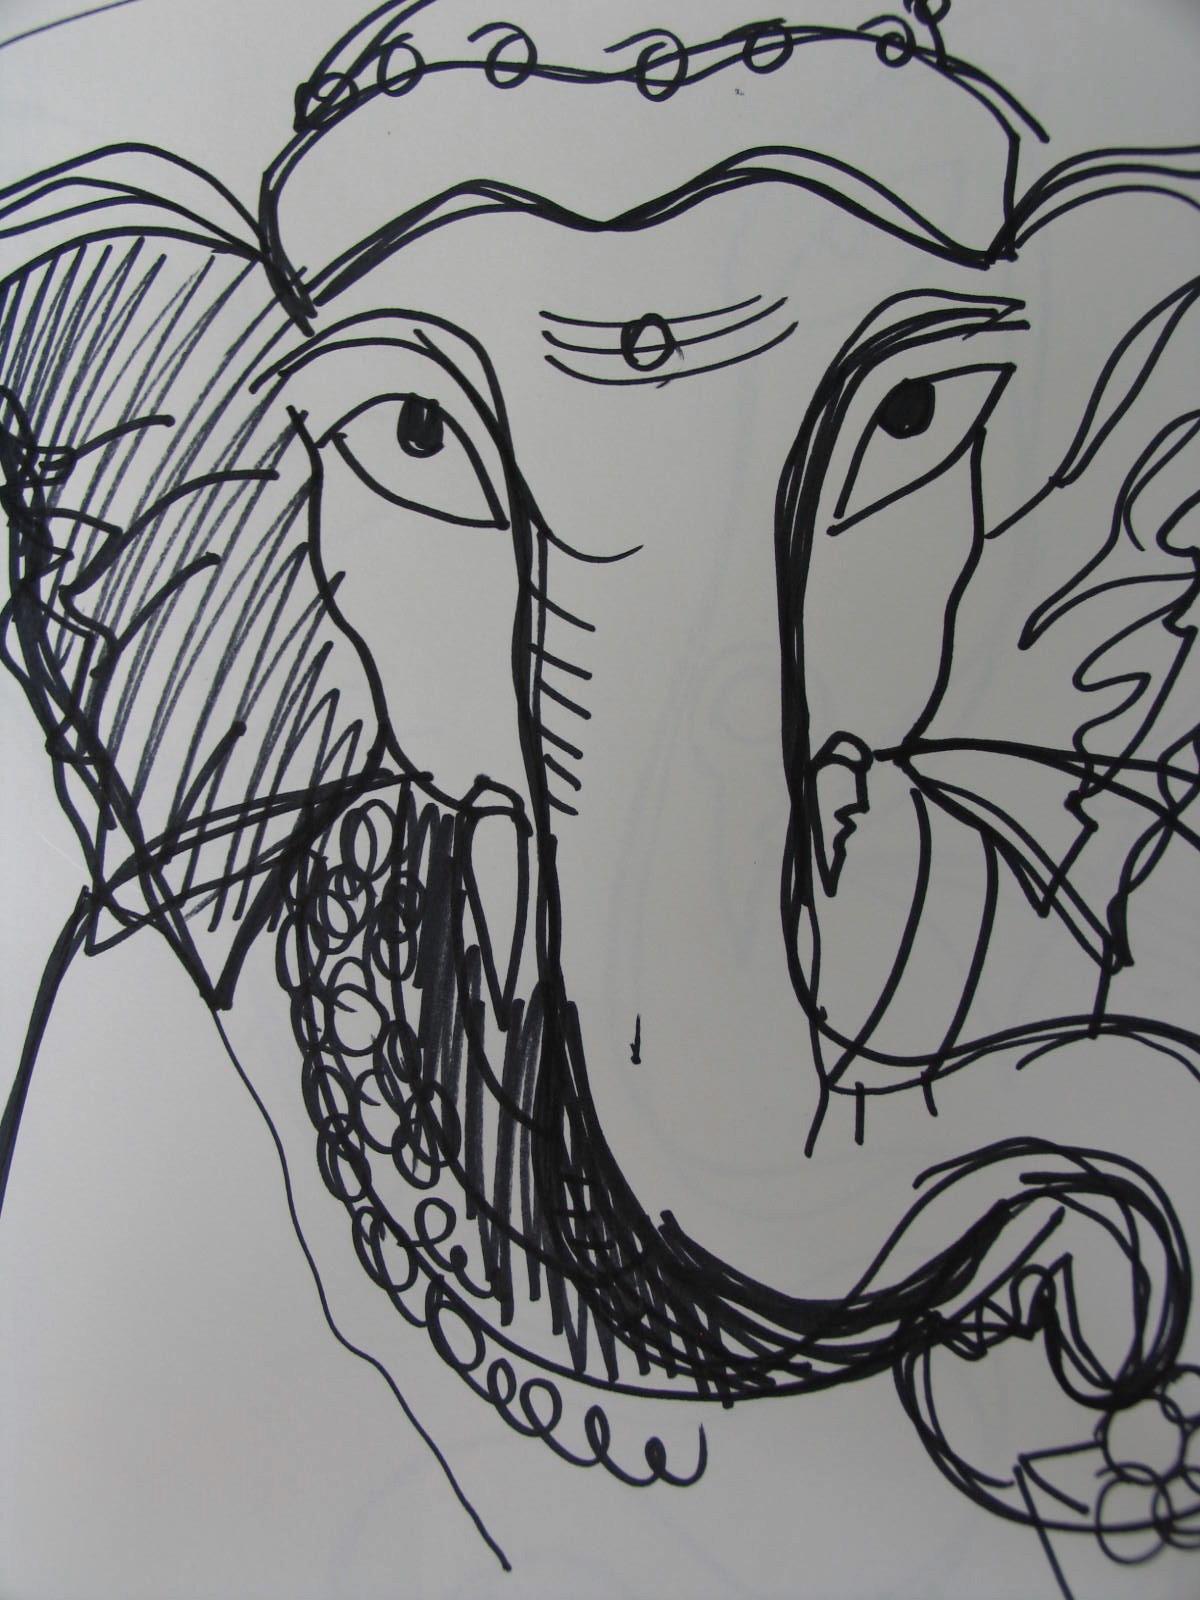 Sri Ganeshji Sketch 6